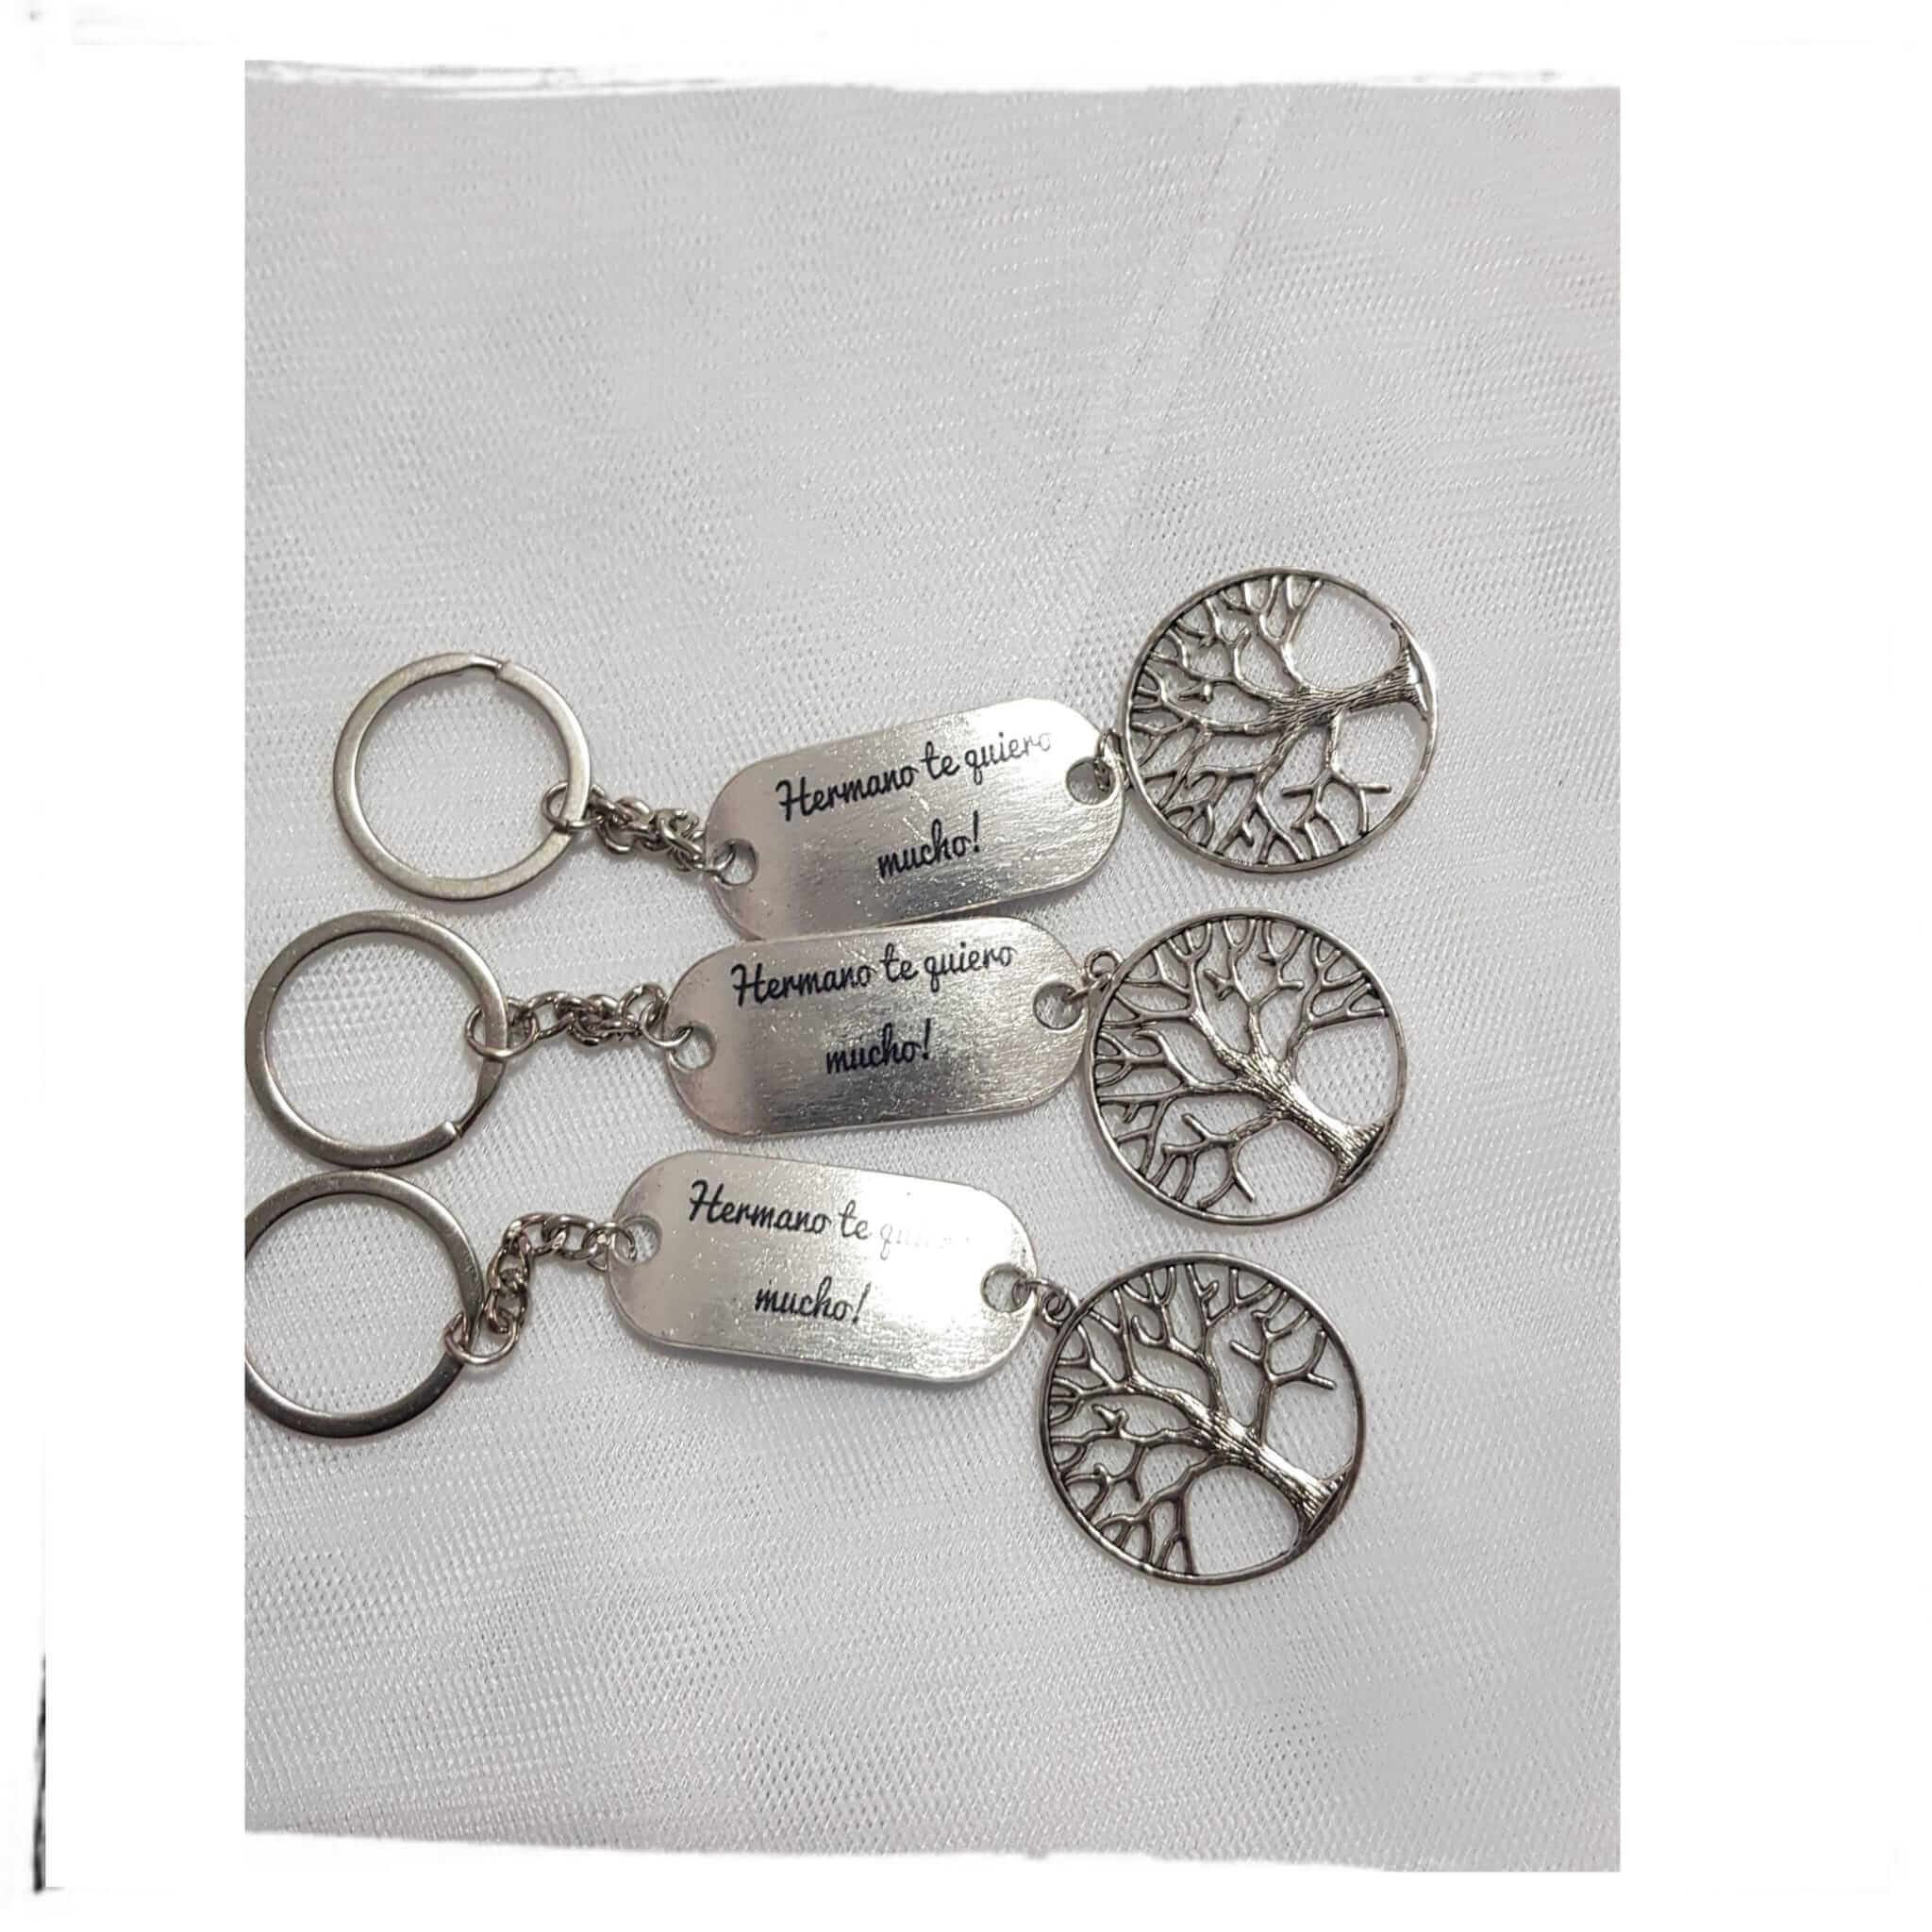 Llaveros personalizados Llaveros originales llaveros personalizados baratos